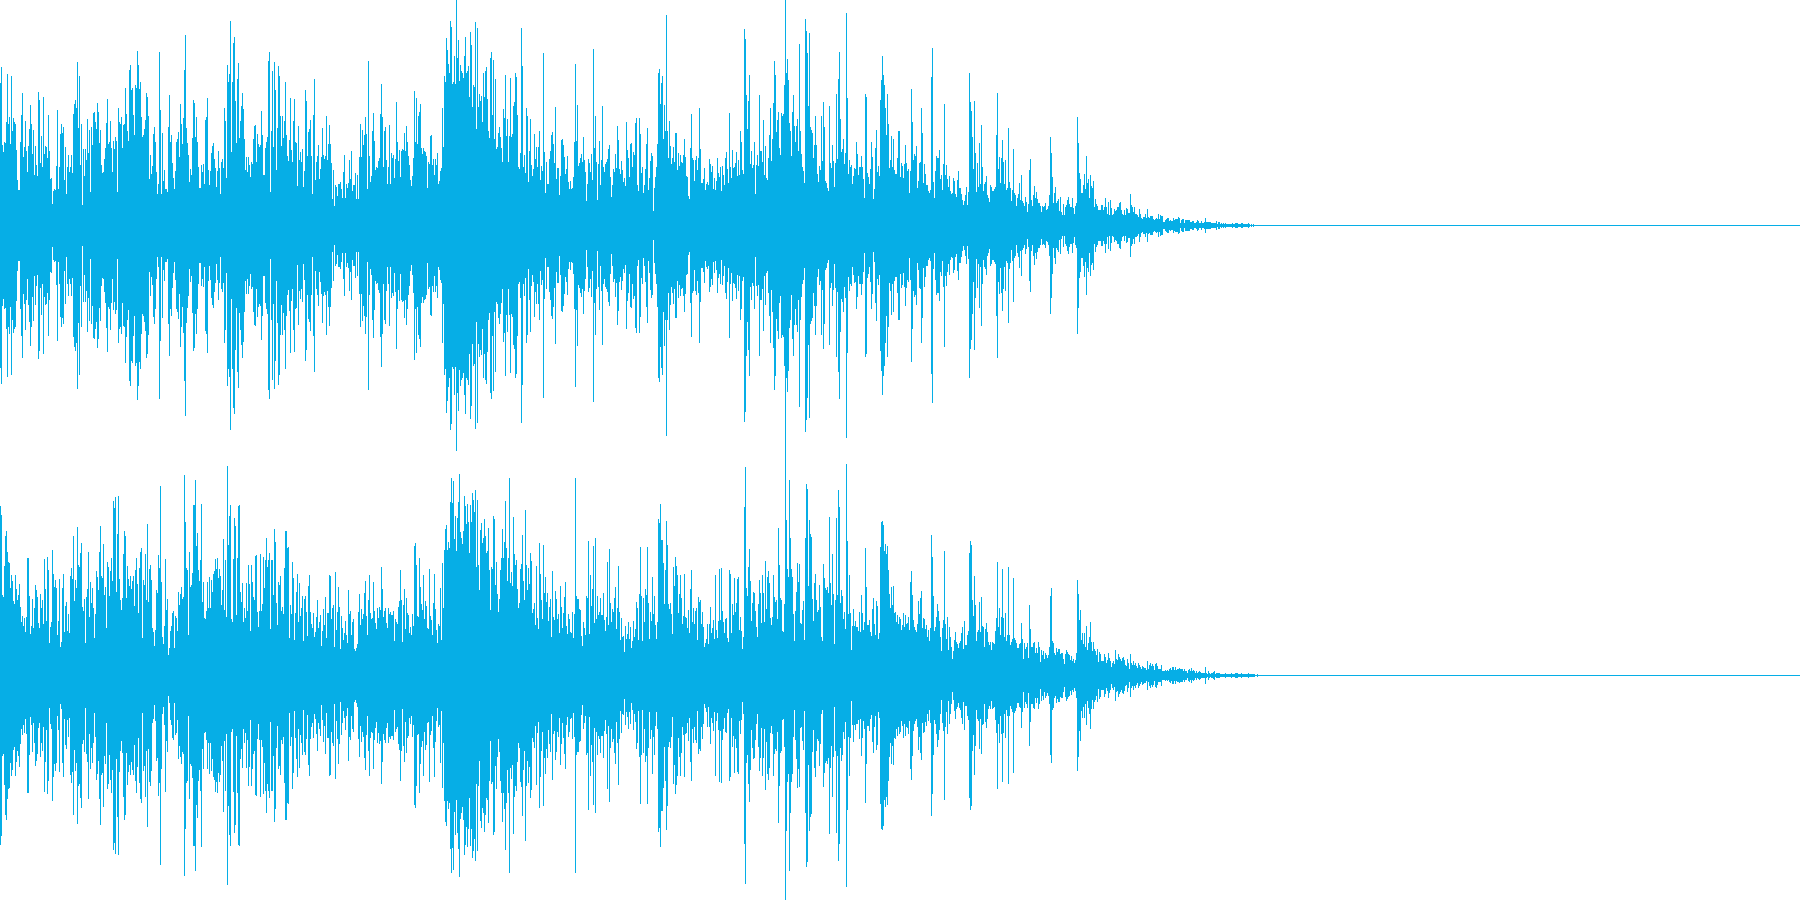 ドンパァ〜花火の本当にリアルな効果音11の再生済みの波形